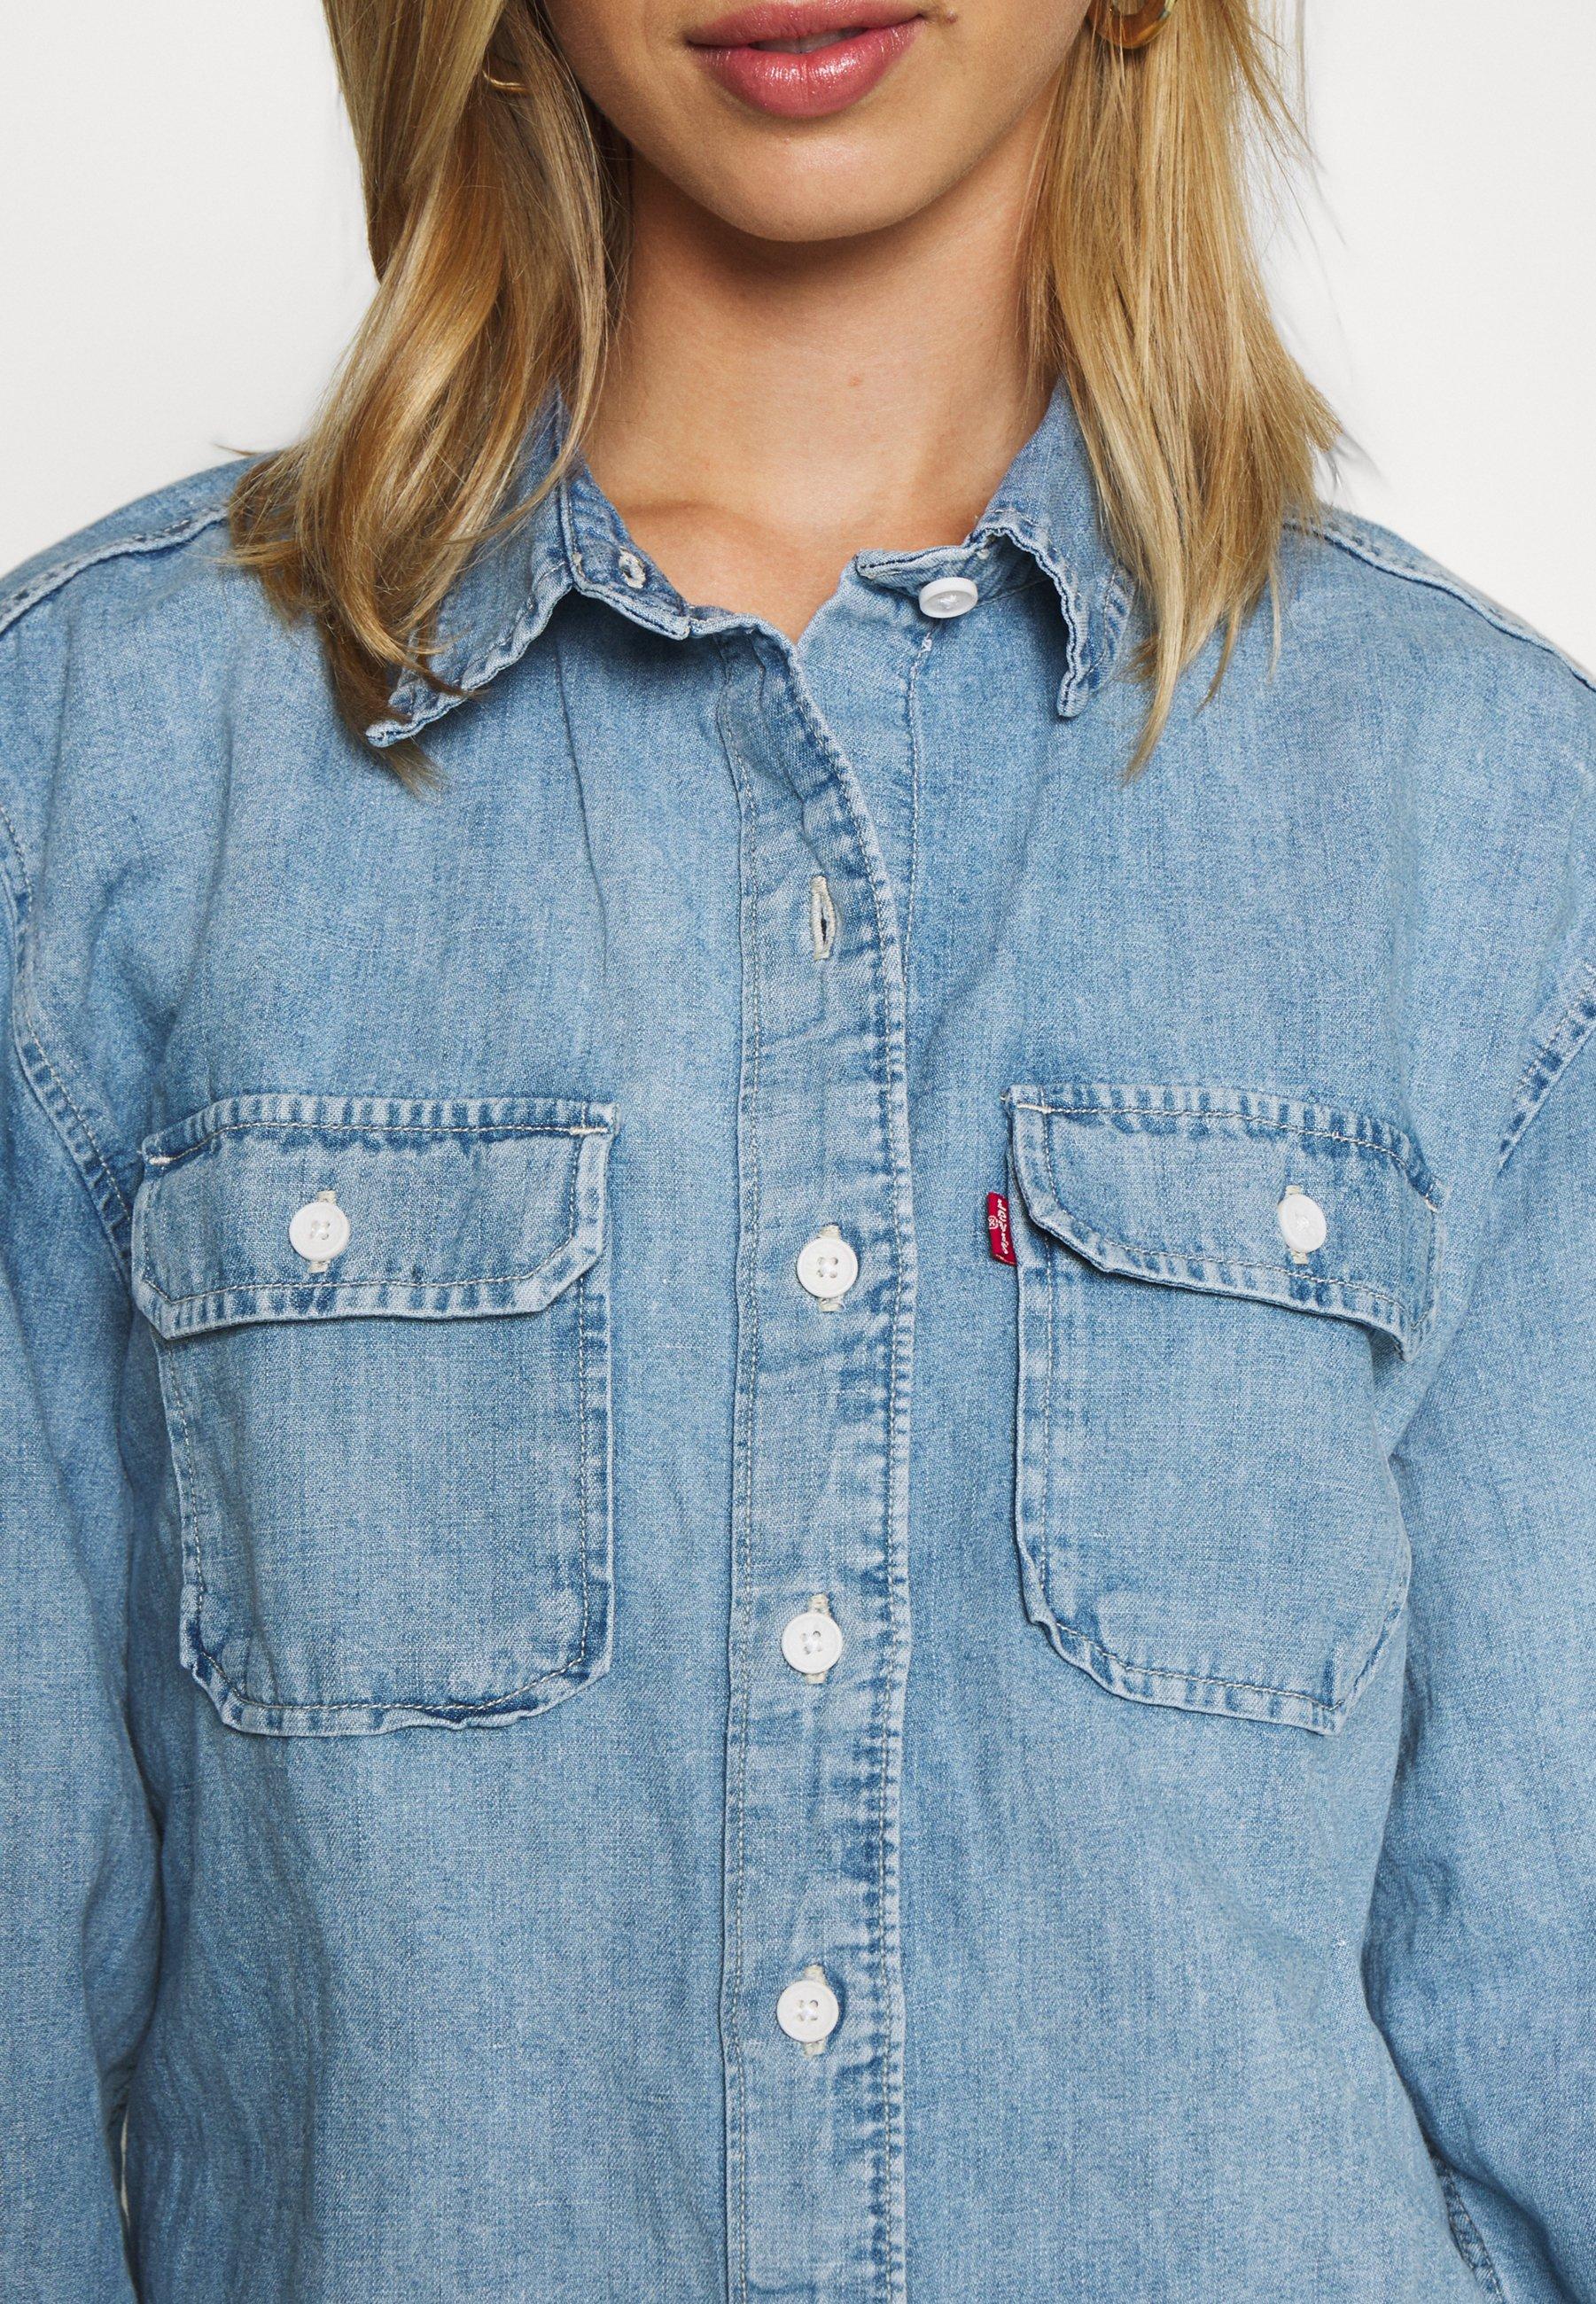 Salg Levi's Denim Skjorter til Dame på tilbud | FASHIOLA